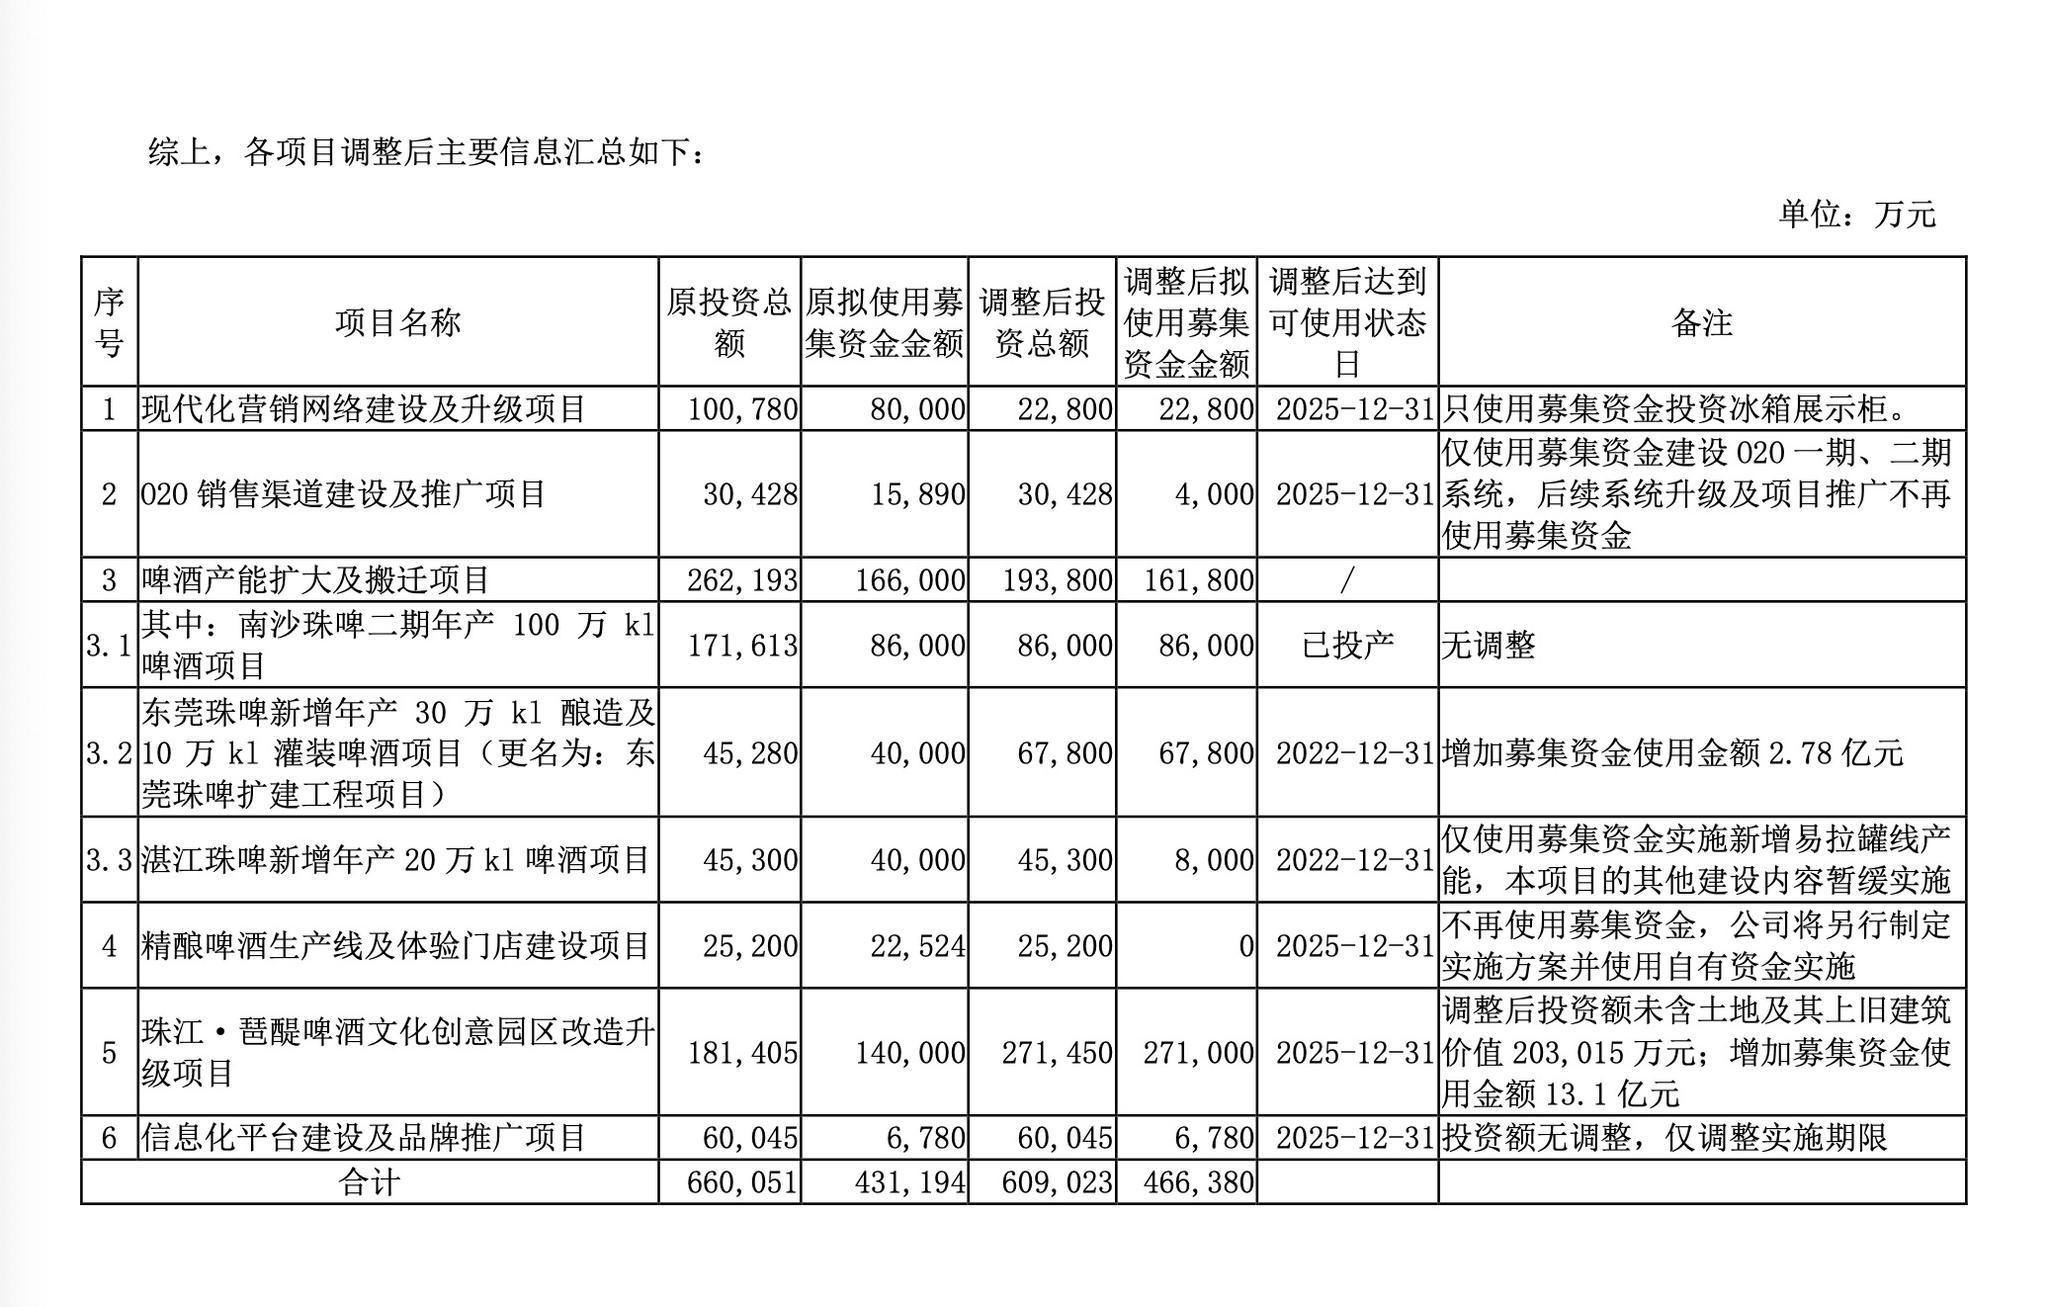 珠江啤酒:前三季度净利约5.05亿元,同比增长11.19%图片